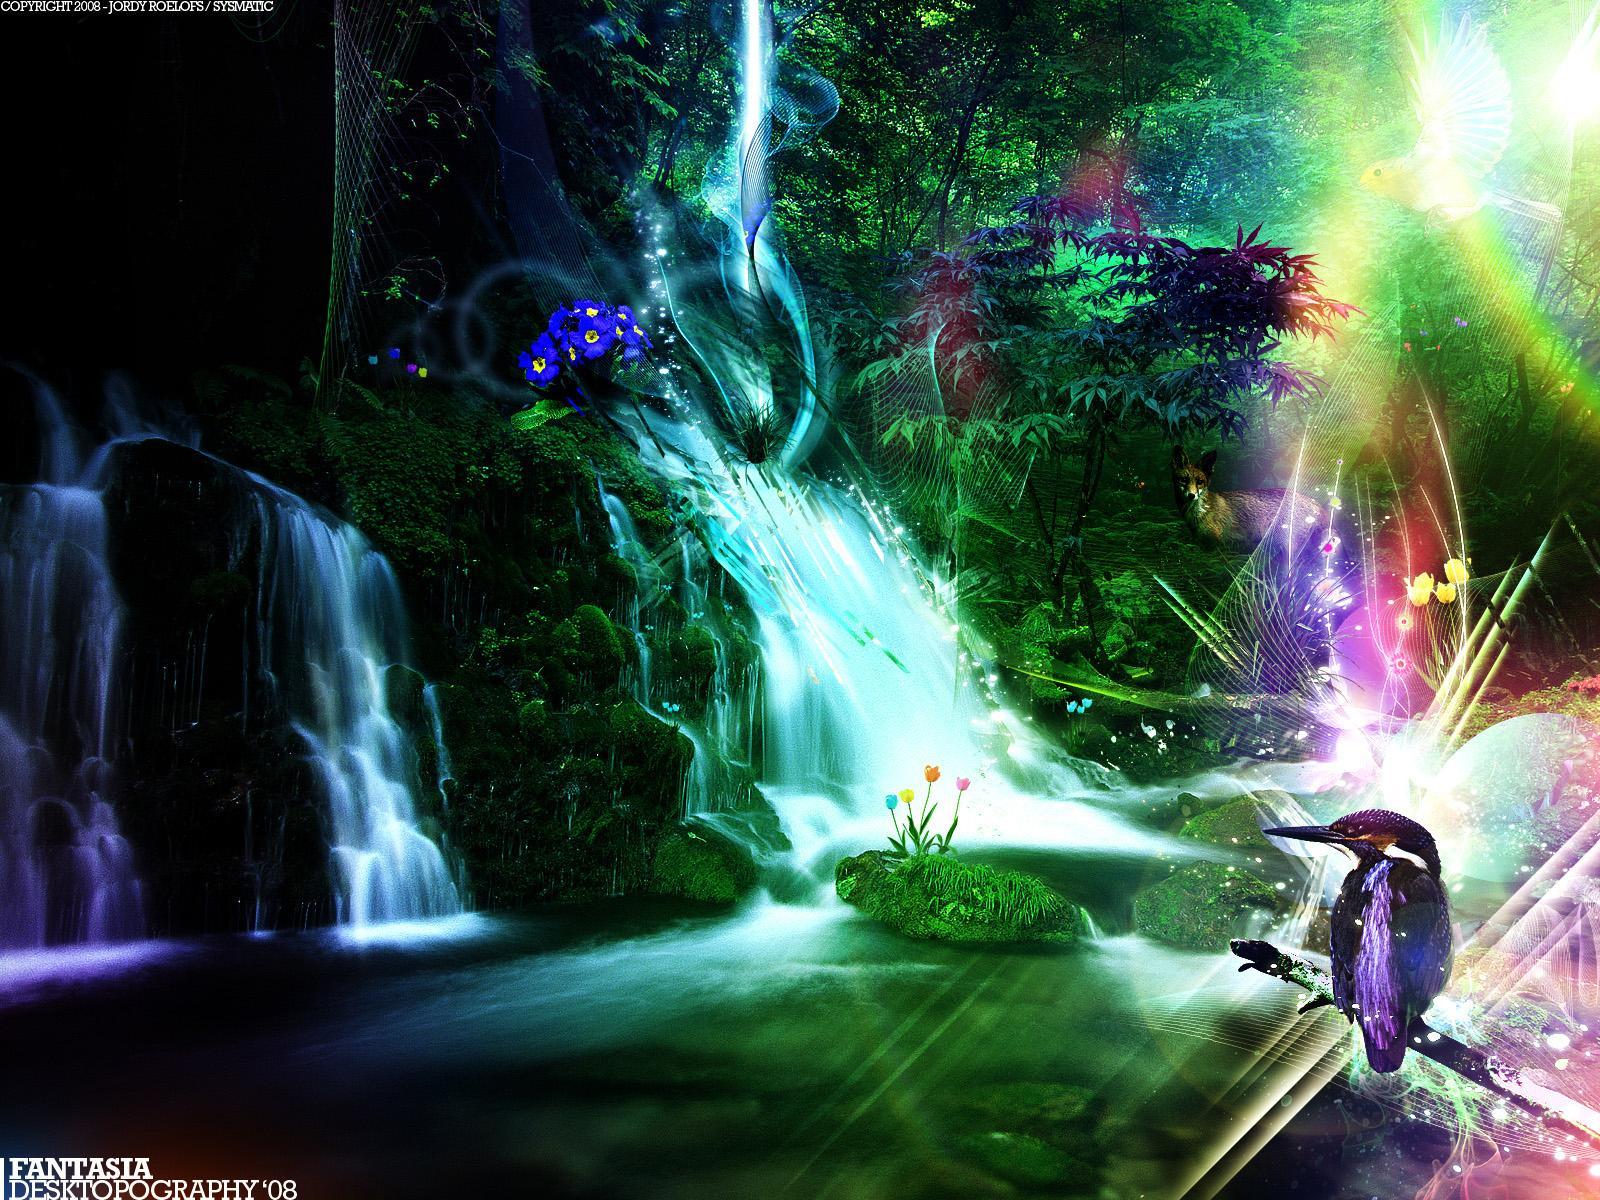 Desktop wallpaper hd art hd 3d nature butterfly dwonload for Immagini 3d hd